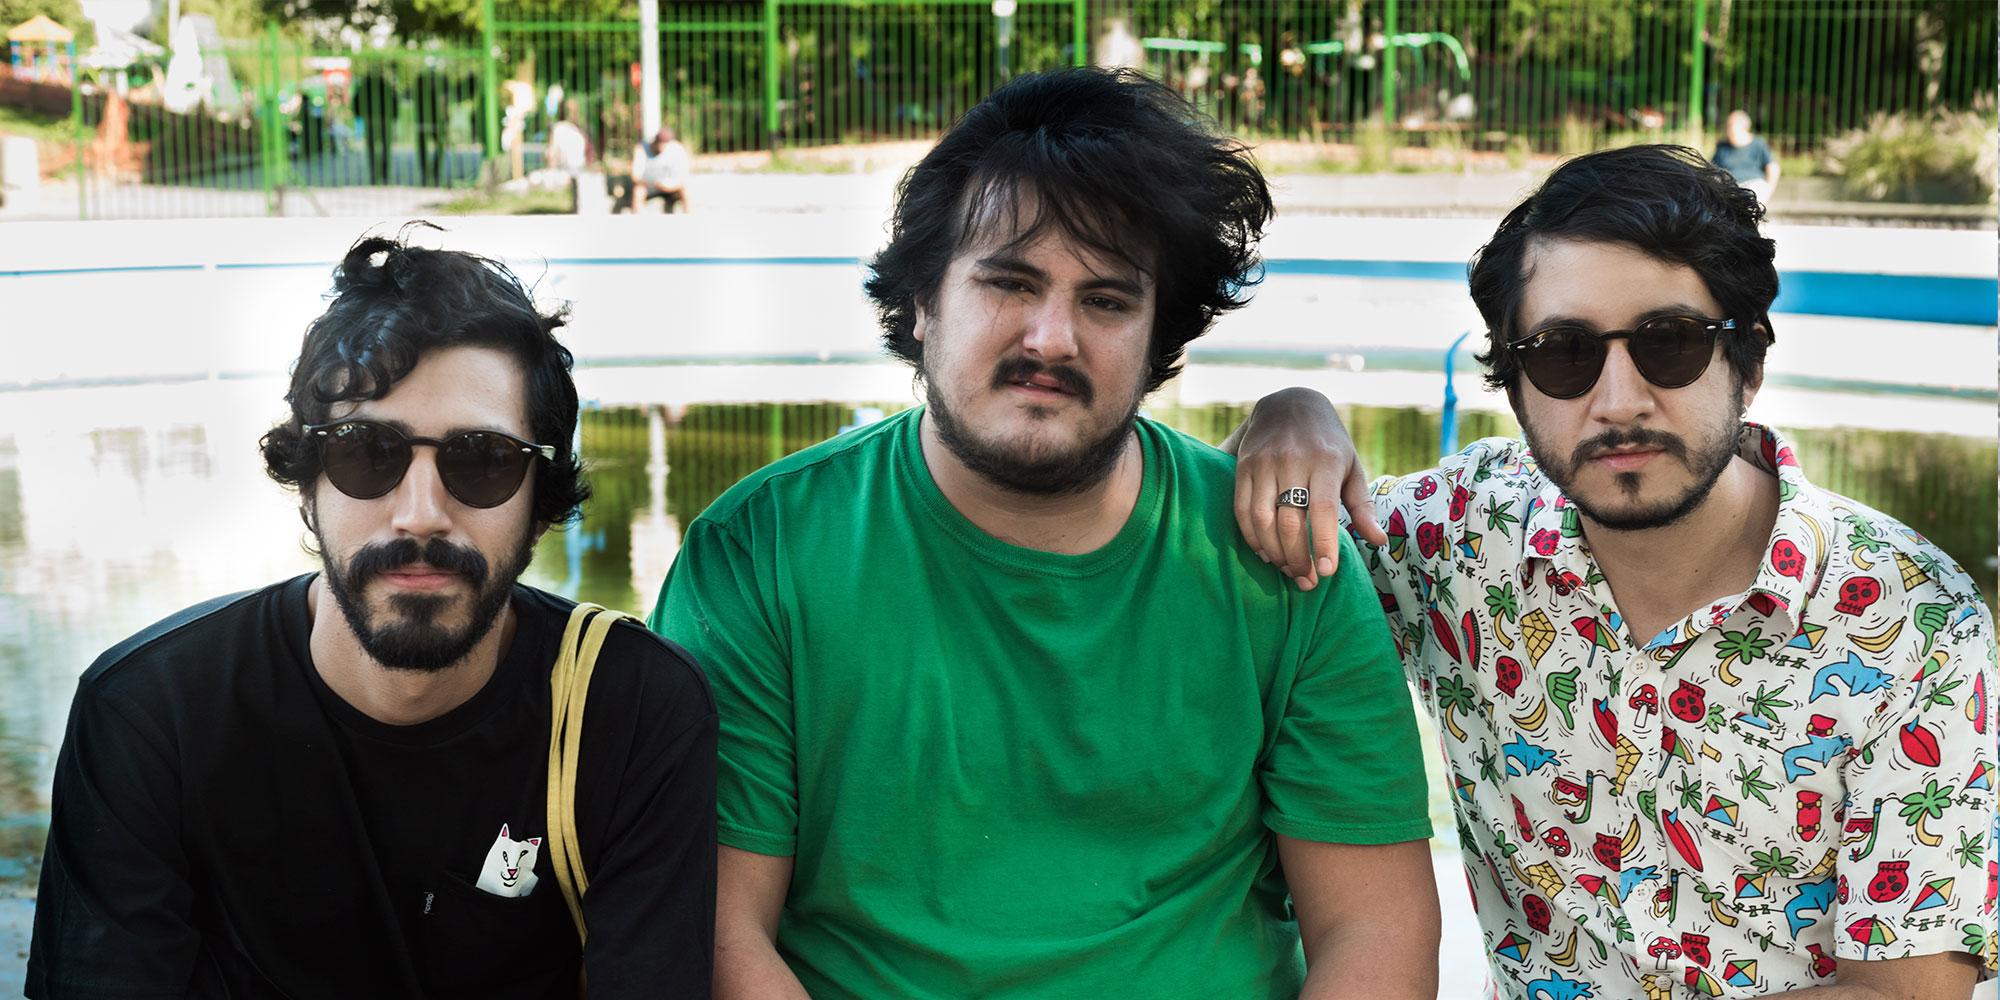 Truco Sanchez y Santiago Casillas en Plaza Armenia, Buenos Aires, Argentina. Ph: Mica Garate.